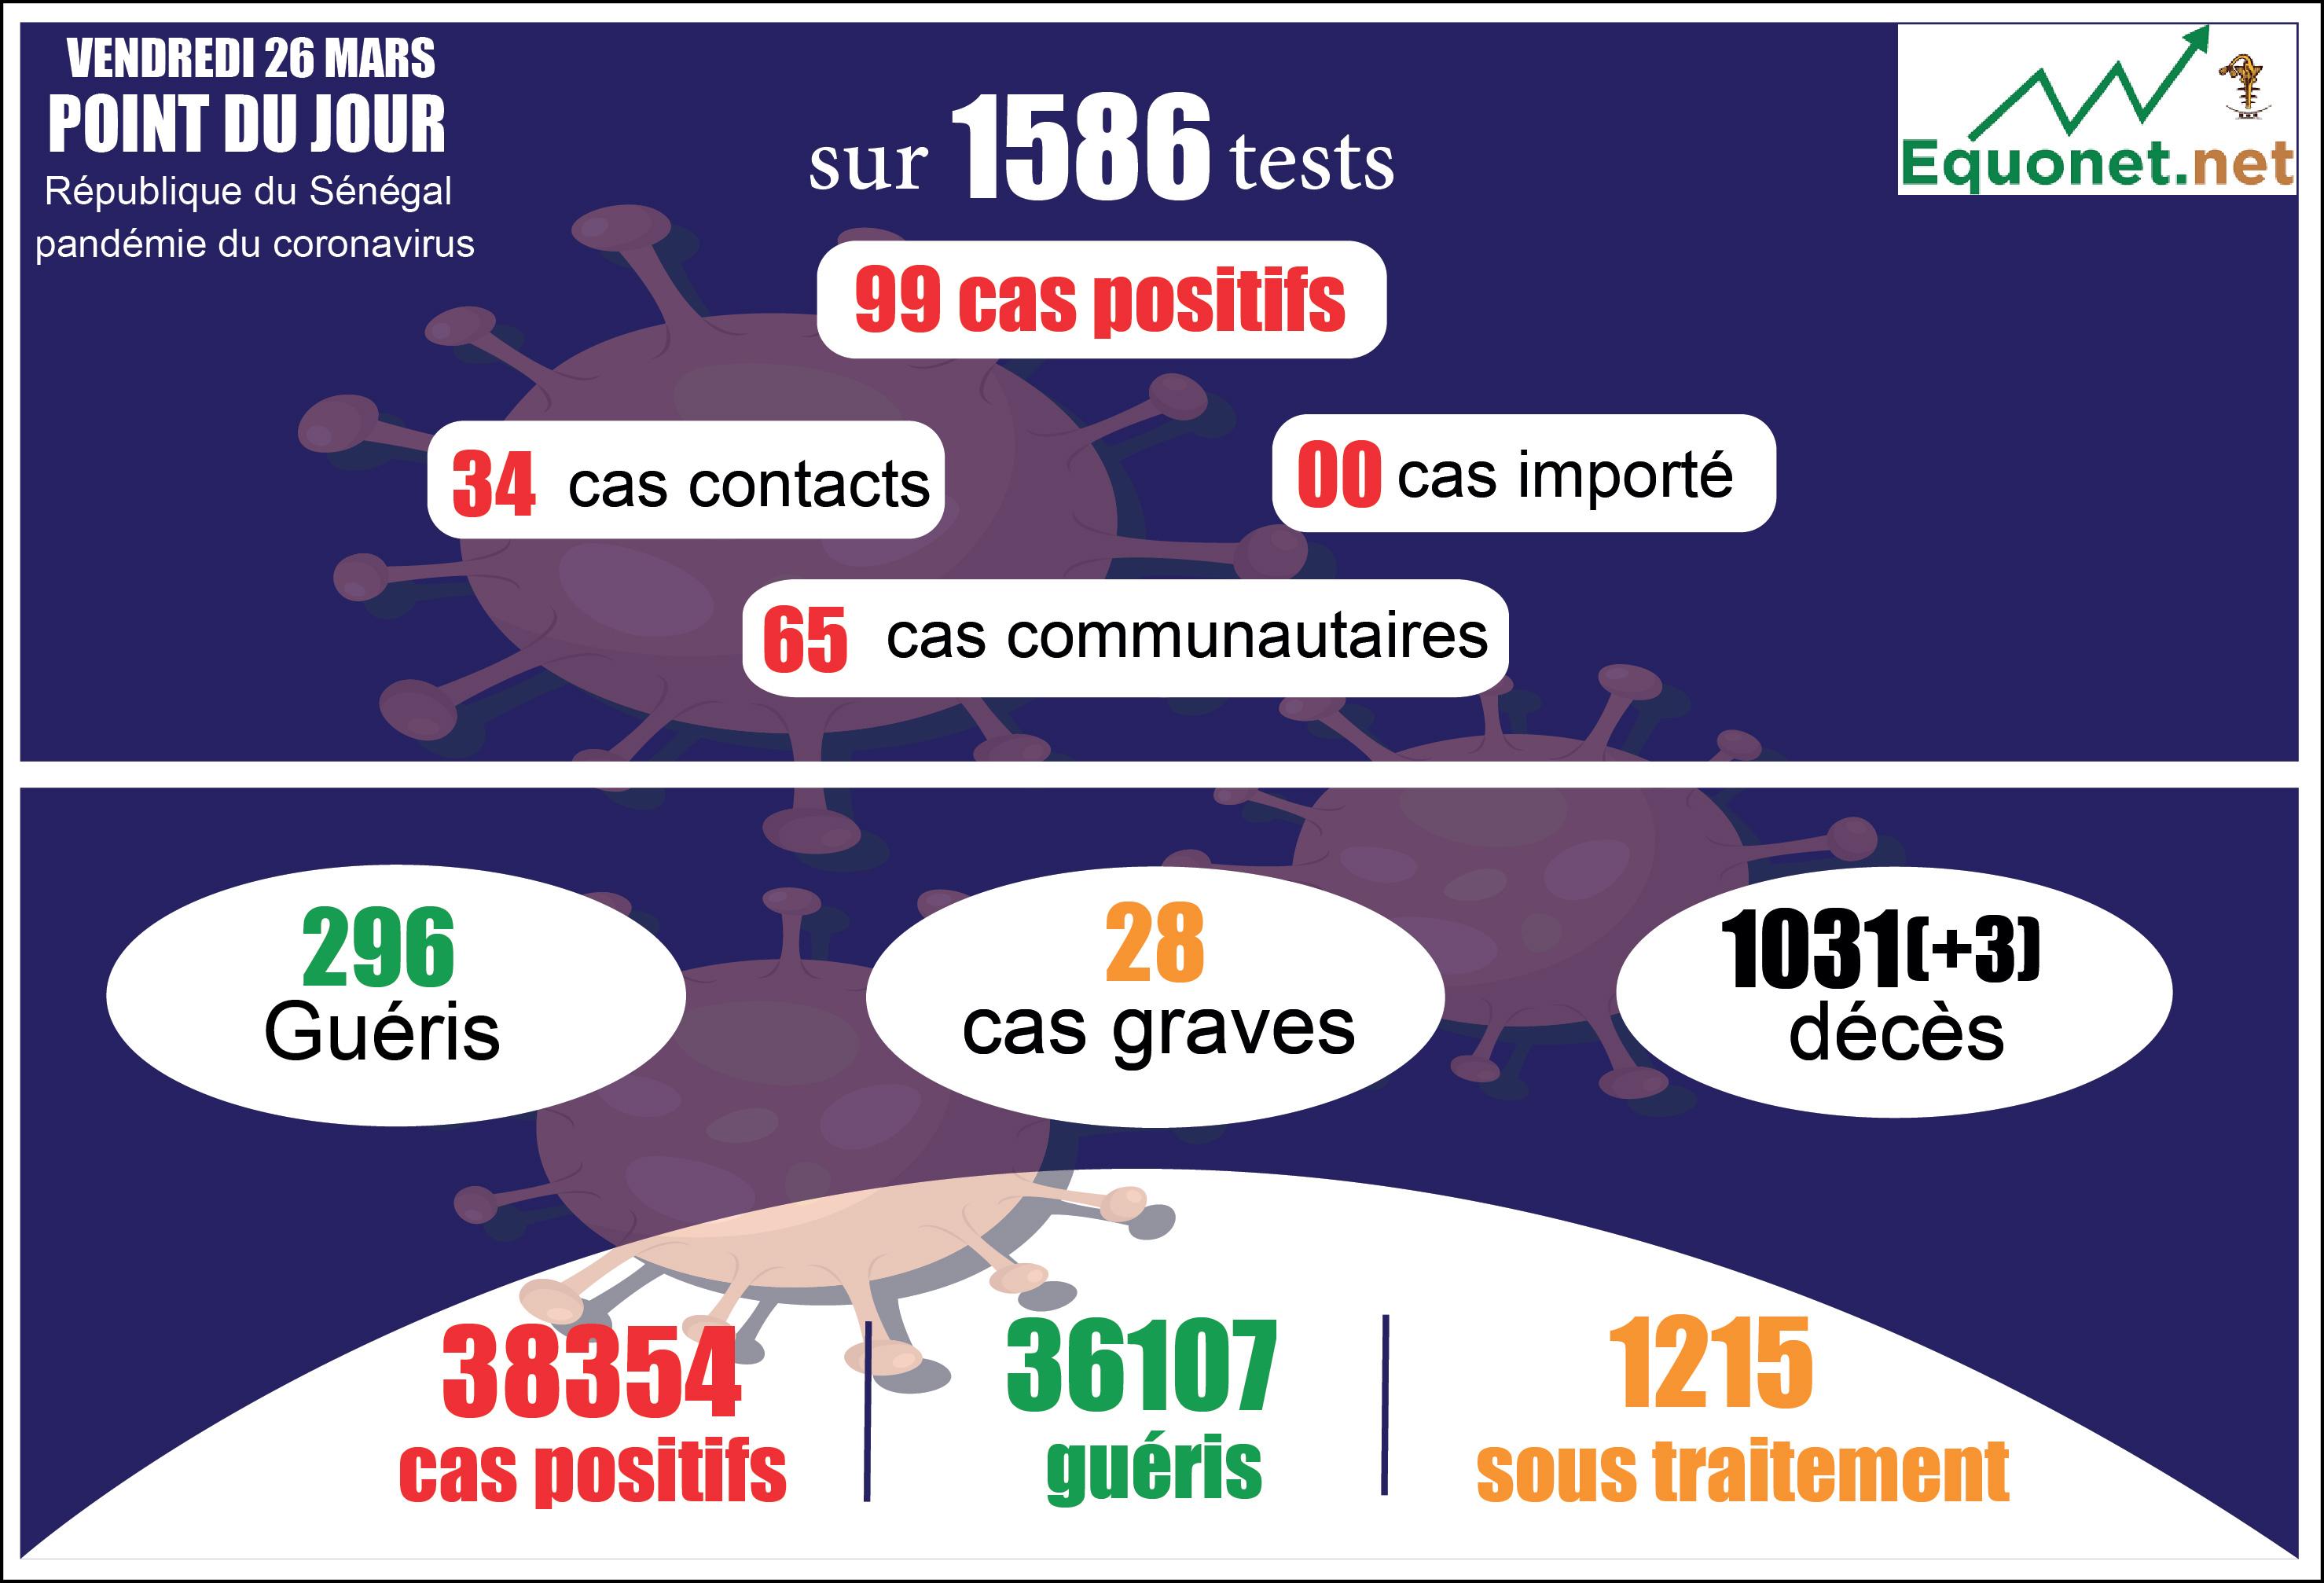 pandémie du coronavirus-covid-19 au sénégal : 65 cas communautaires et 03 décès enregistrés ce vendredi 26 mars 2021